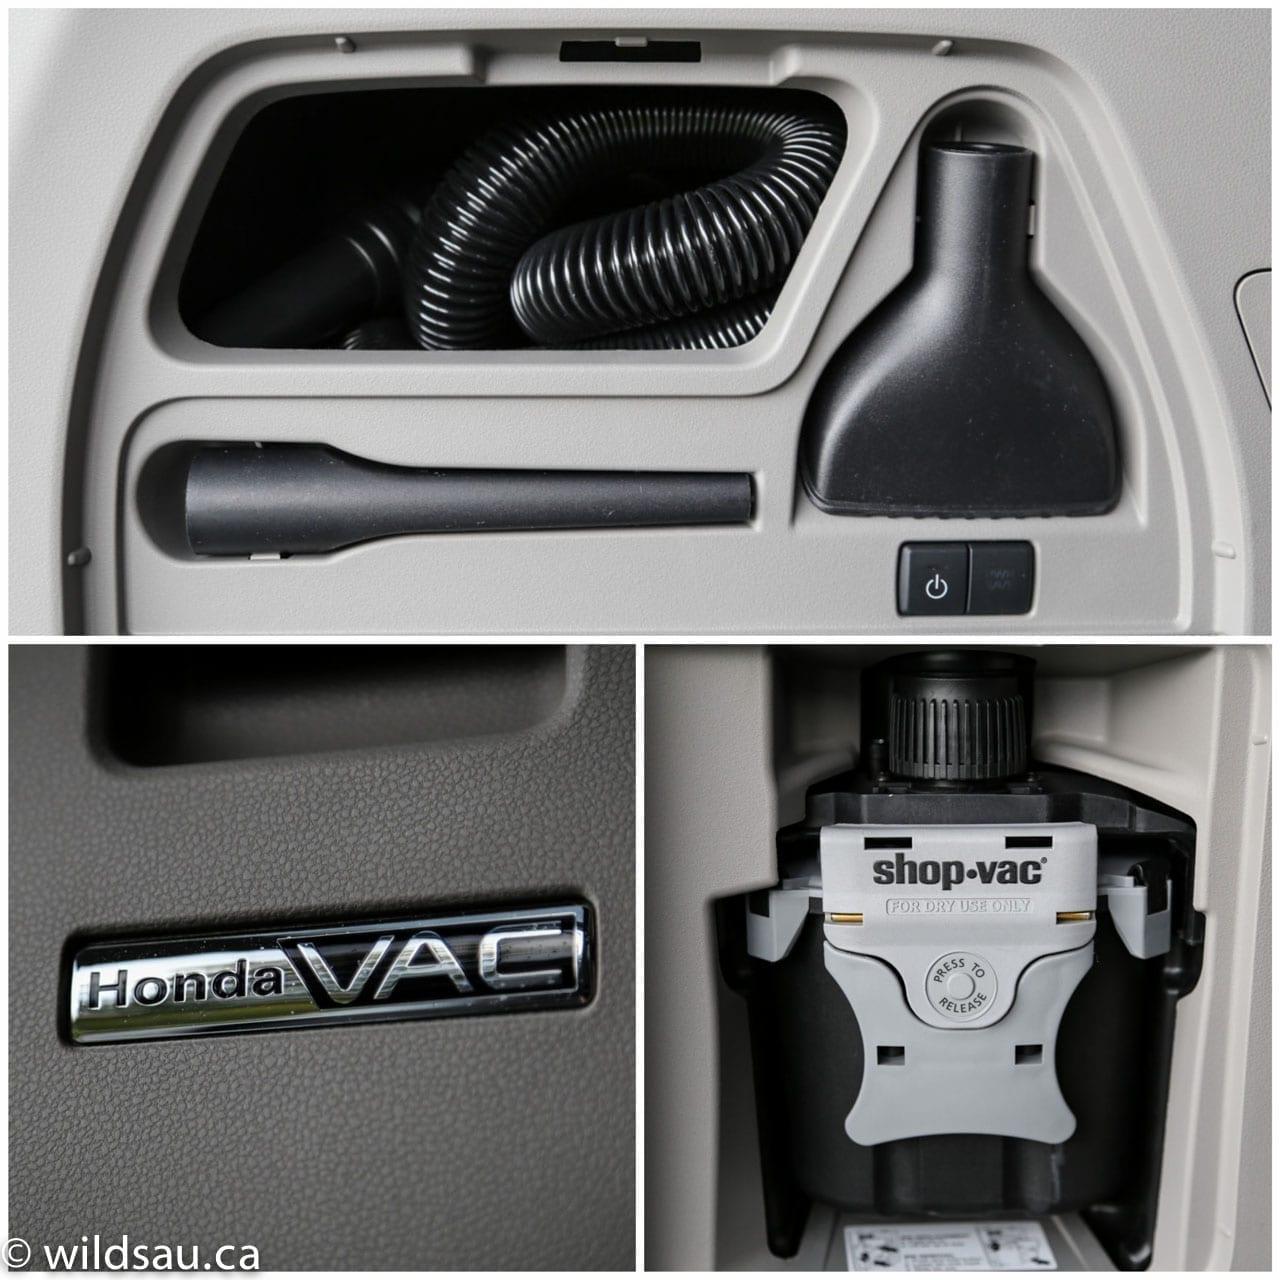 Honda VAC